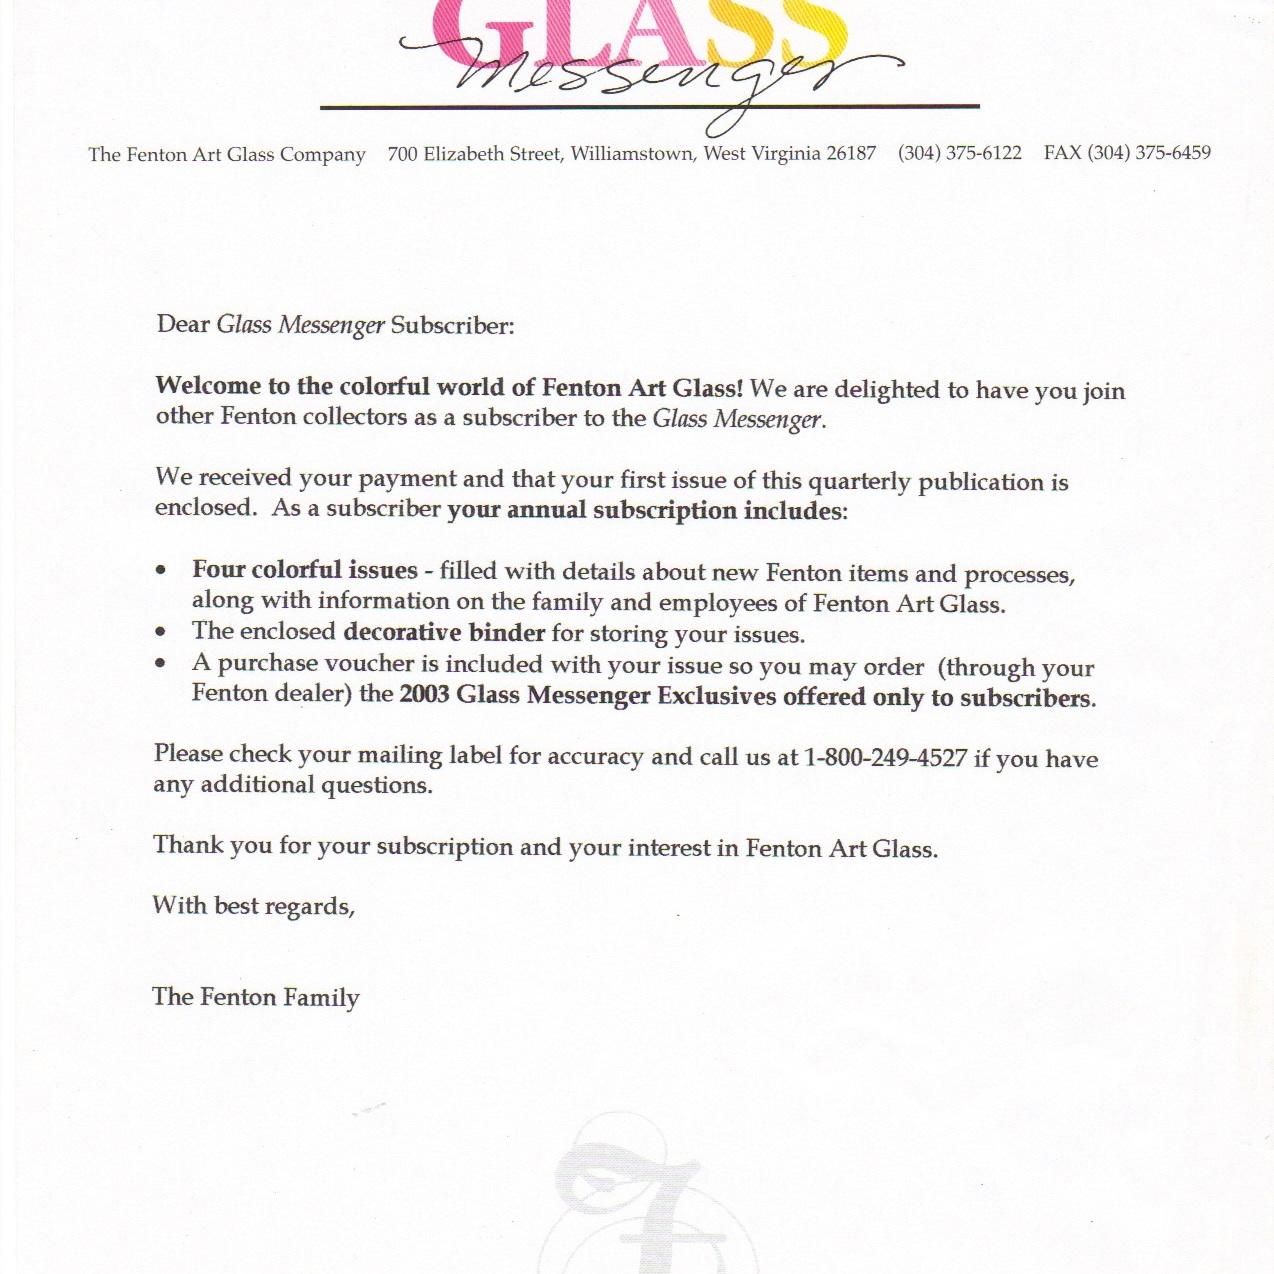 2003 Glass Messenger